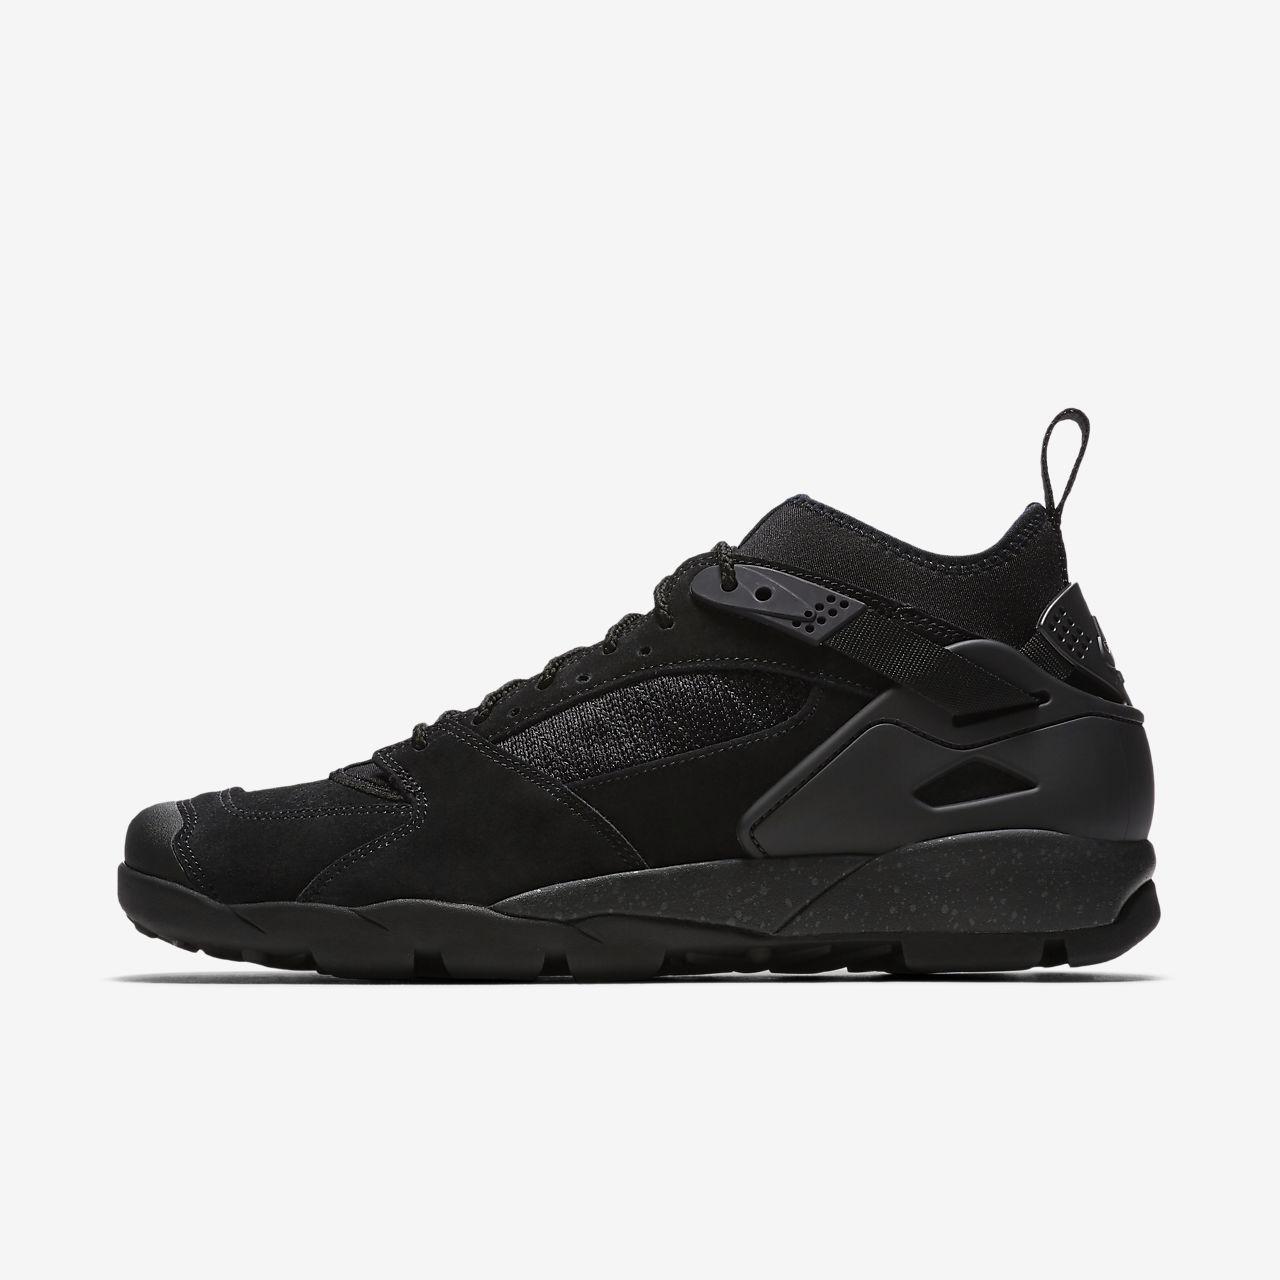 Sko Nike ACG Air Revaderchi för män